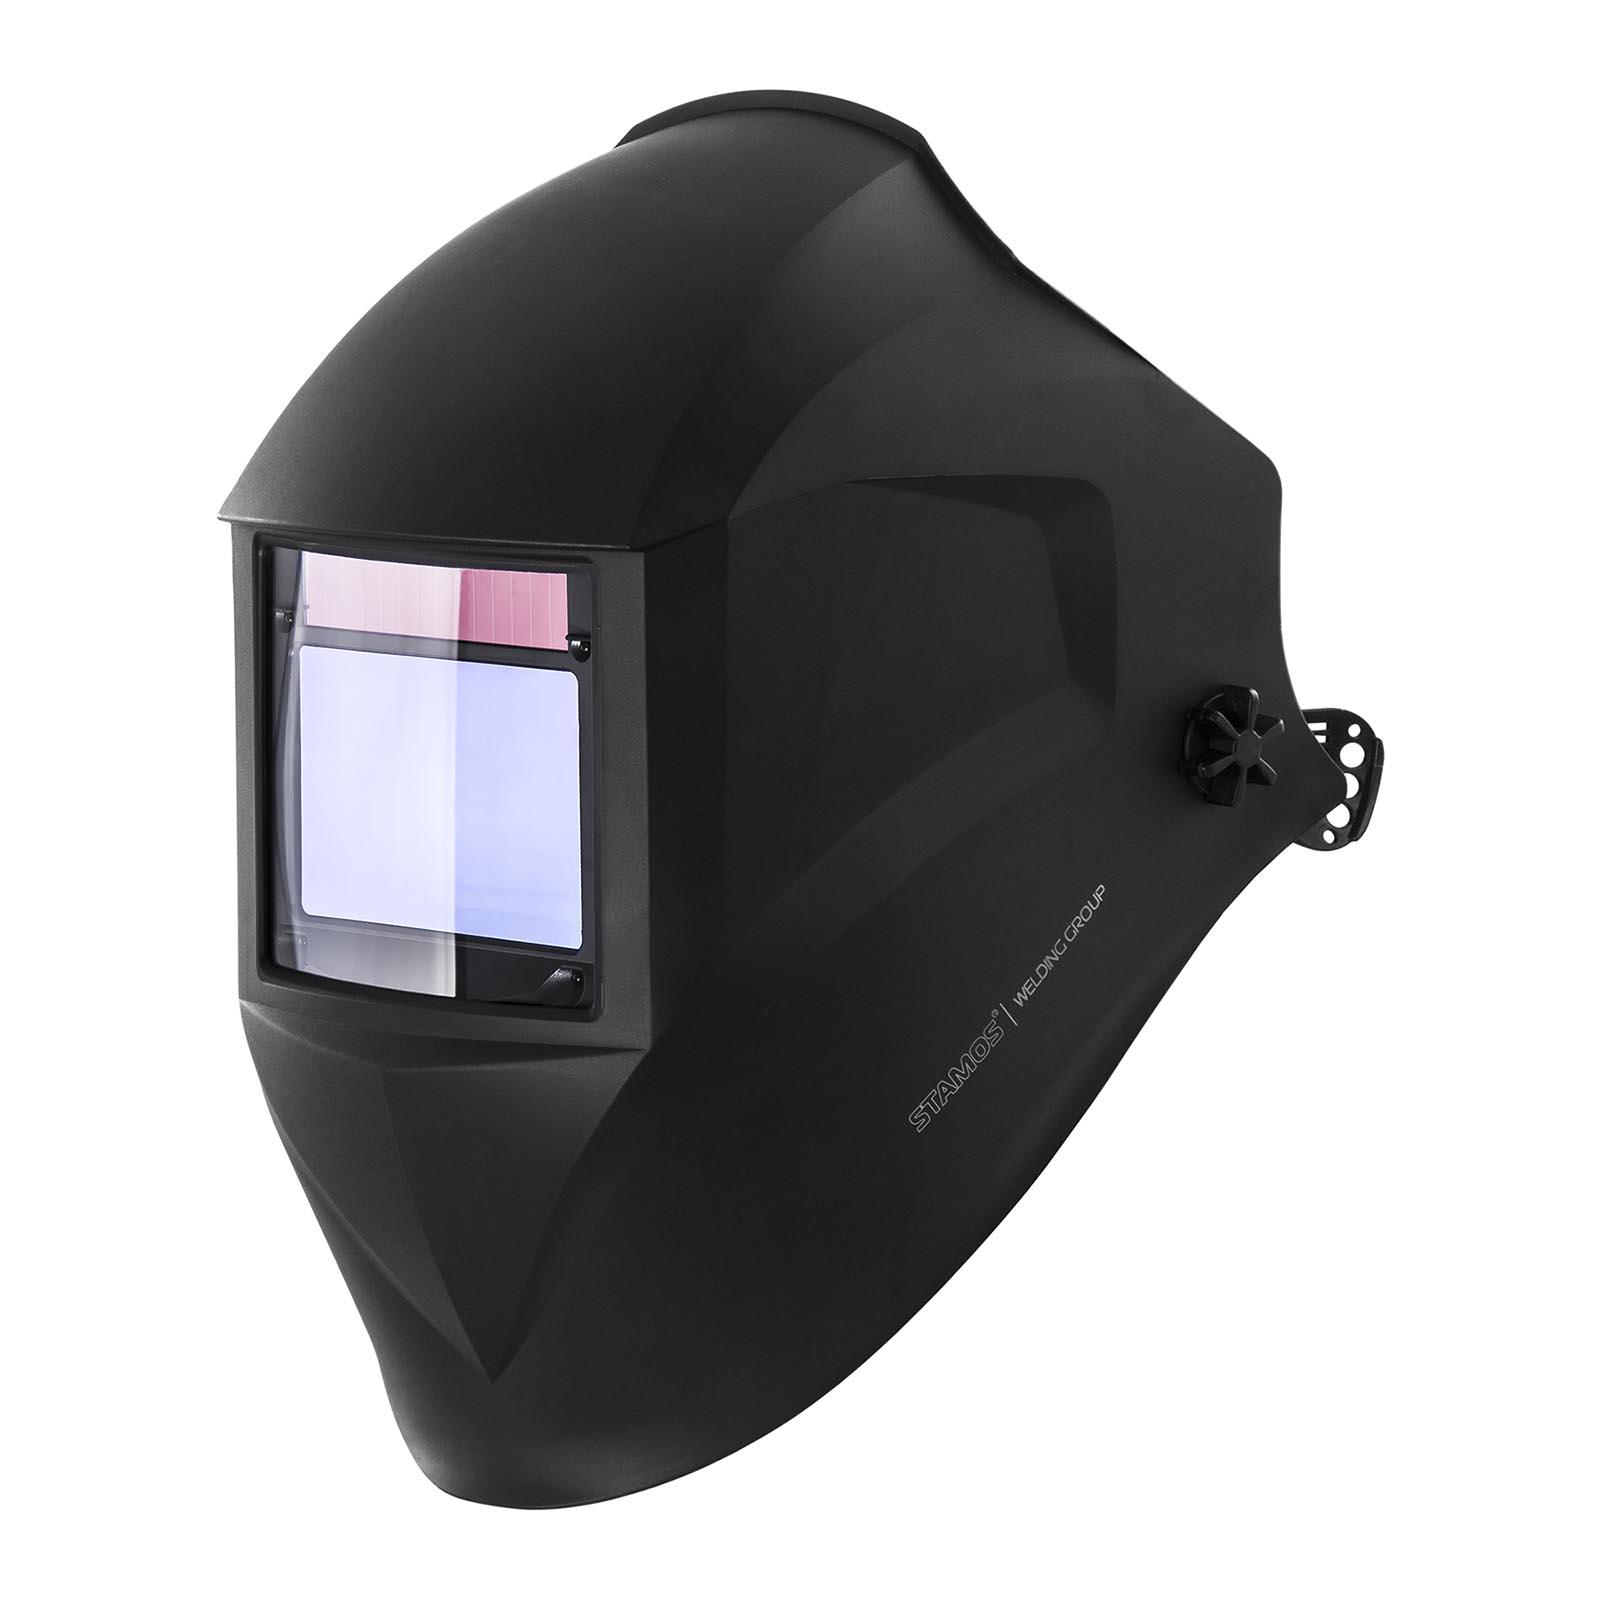 Careta De Soldar Casco Soldadura Máscara Hasta Protección Conmutación Hasta Máscara 1/30.000S d6f41b